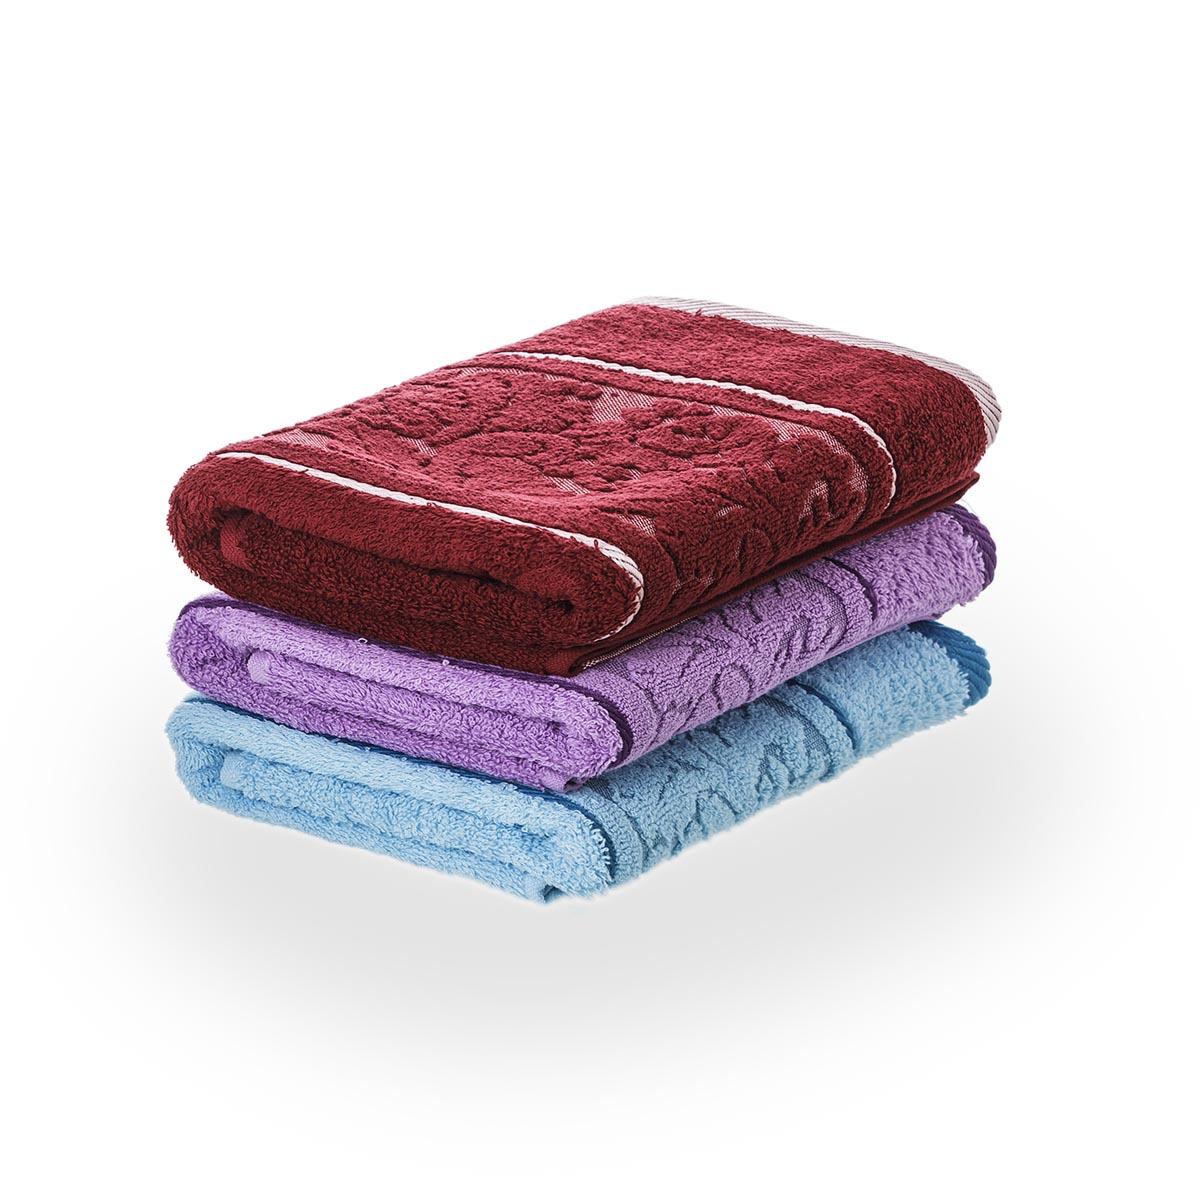 Набор полотенец Хлопок, цвет ОранжевыйМахровые полотенца<br>Плотность ткани:450 г/кв. м.<br><br>Тип: Полотенце<br>Размер: -<br>Материал: Махра